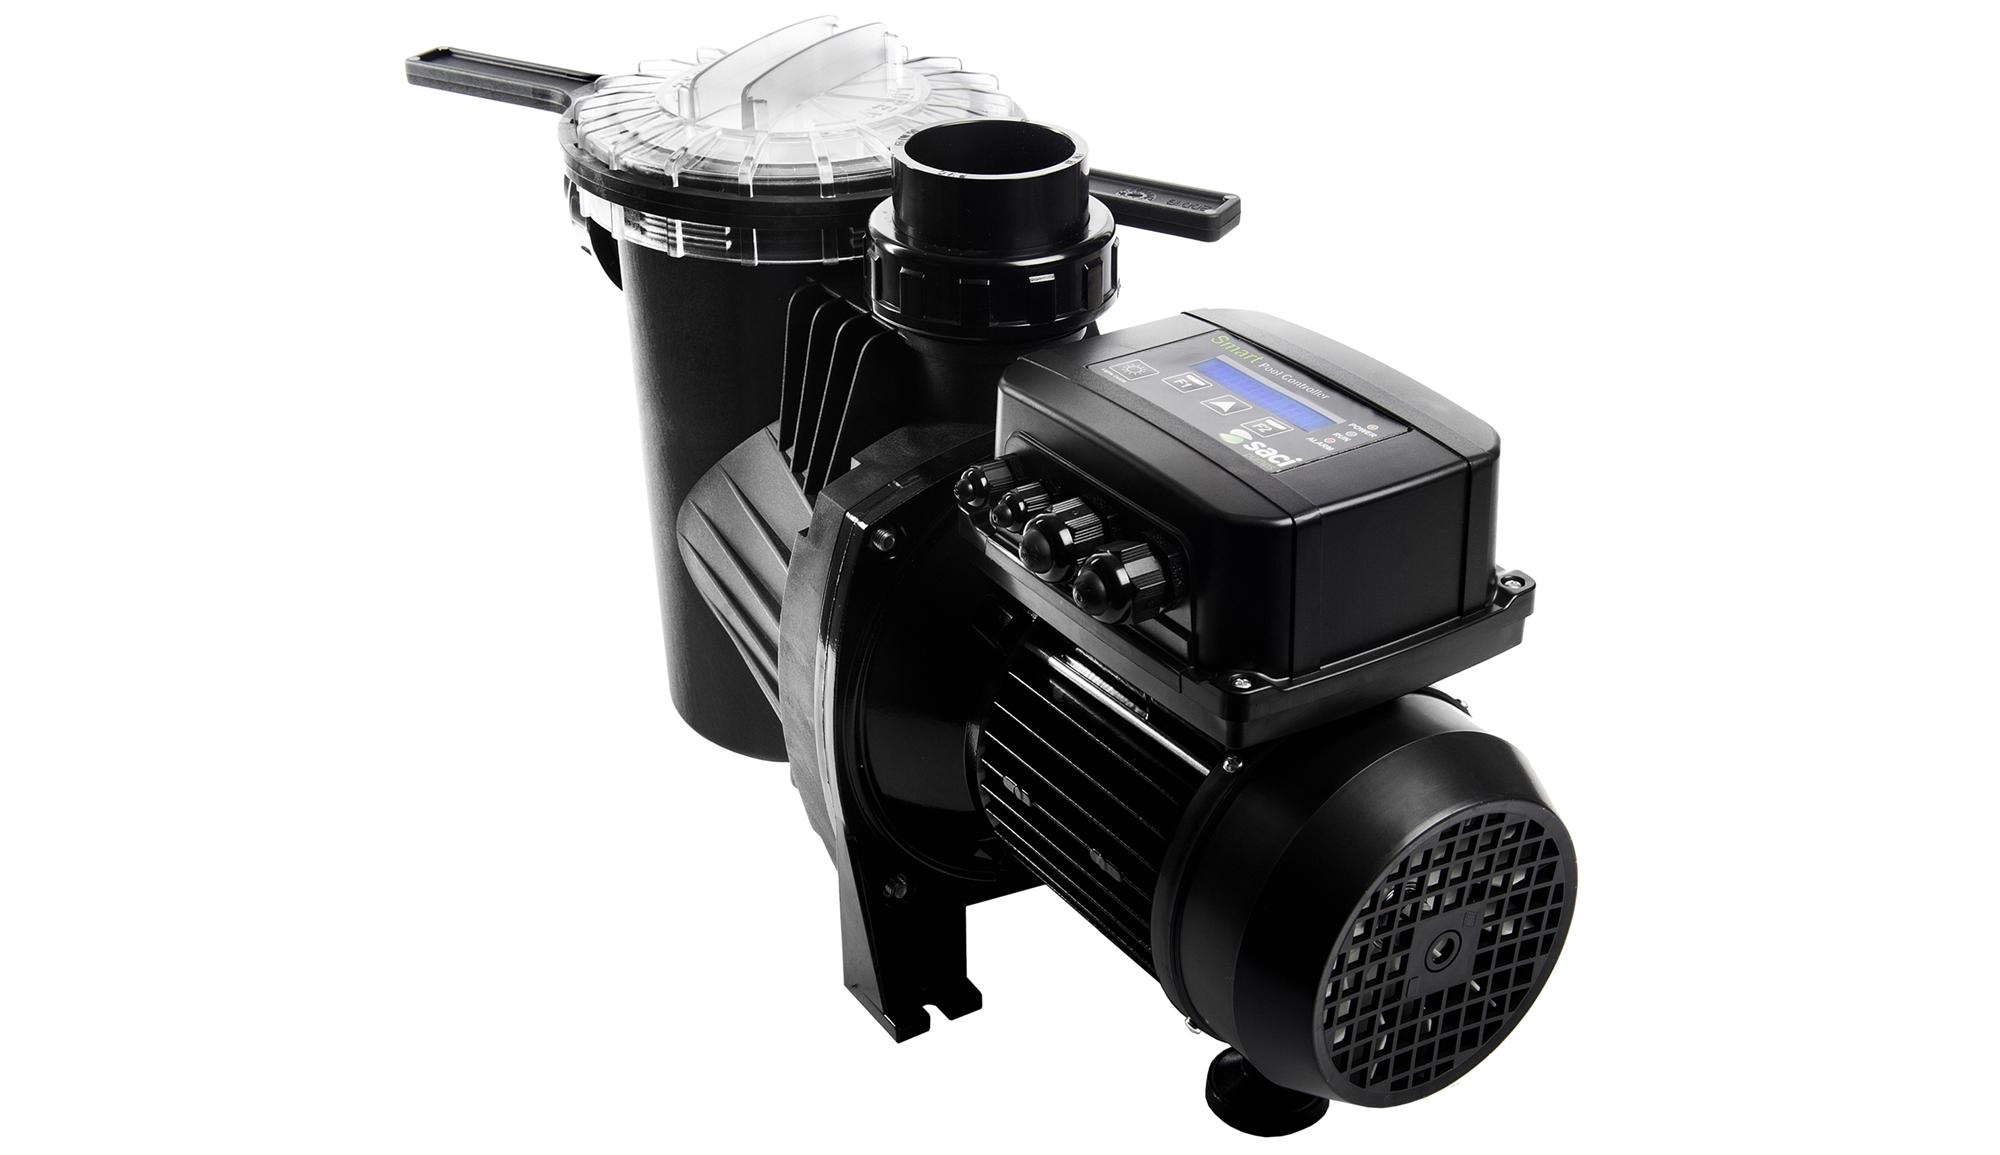 Pool pumpe smartwinner 100 frekvensstyret - Pool pumpe anleitung ...